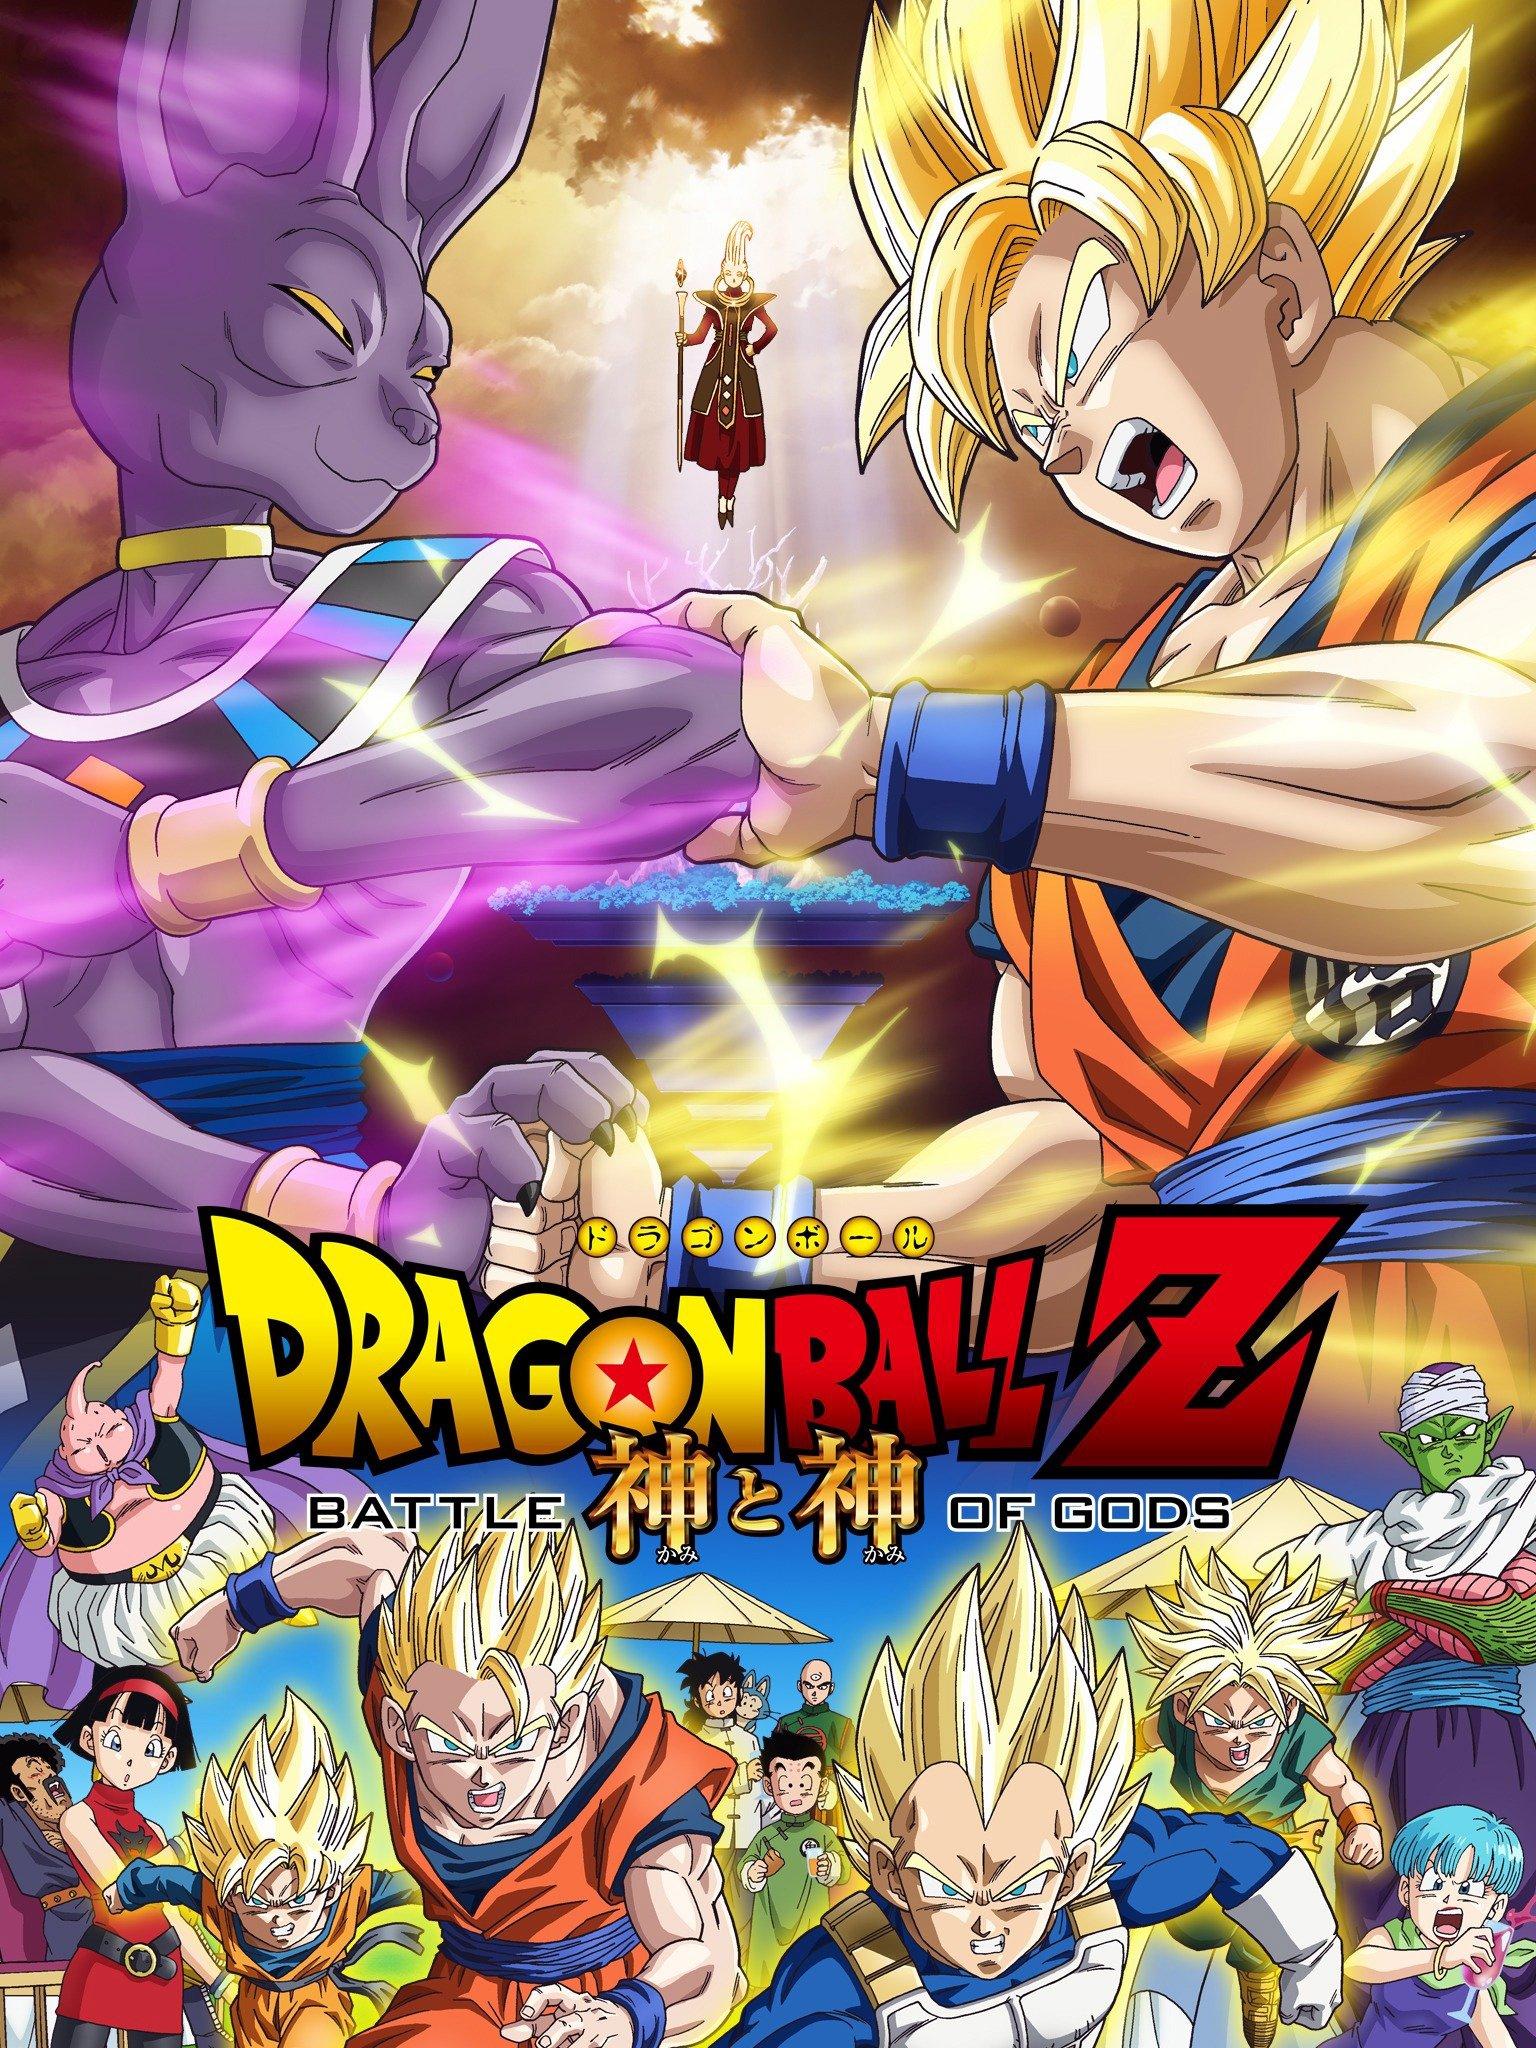 Dragon Ball Z En Streaming : dragon, streaming, Dragon, Battle, (2013), Rotten, Tomatoes